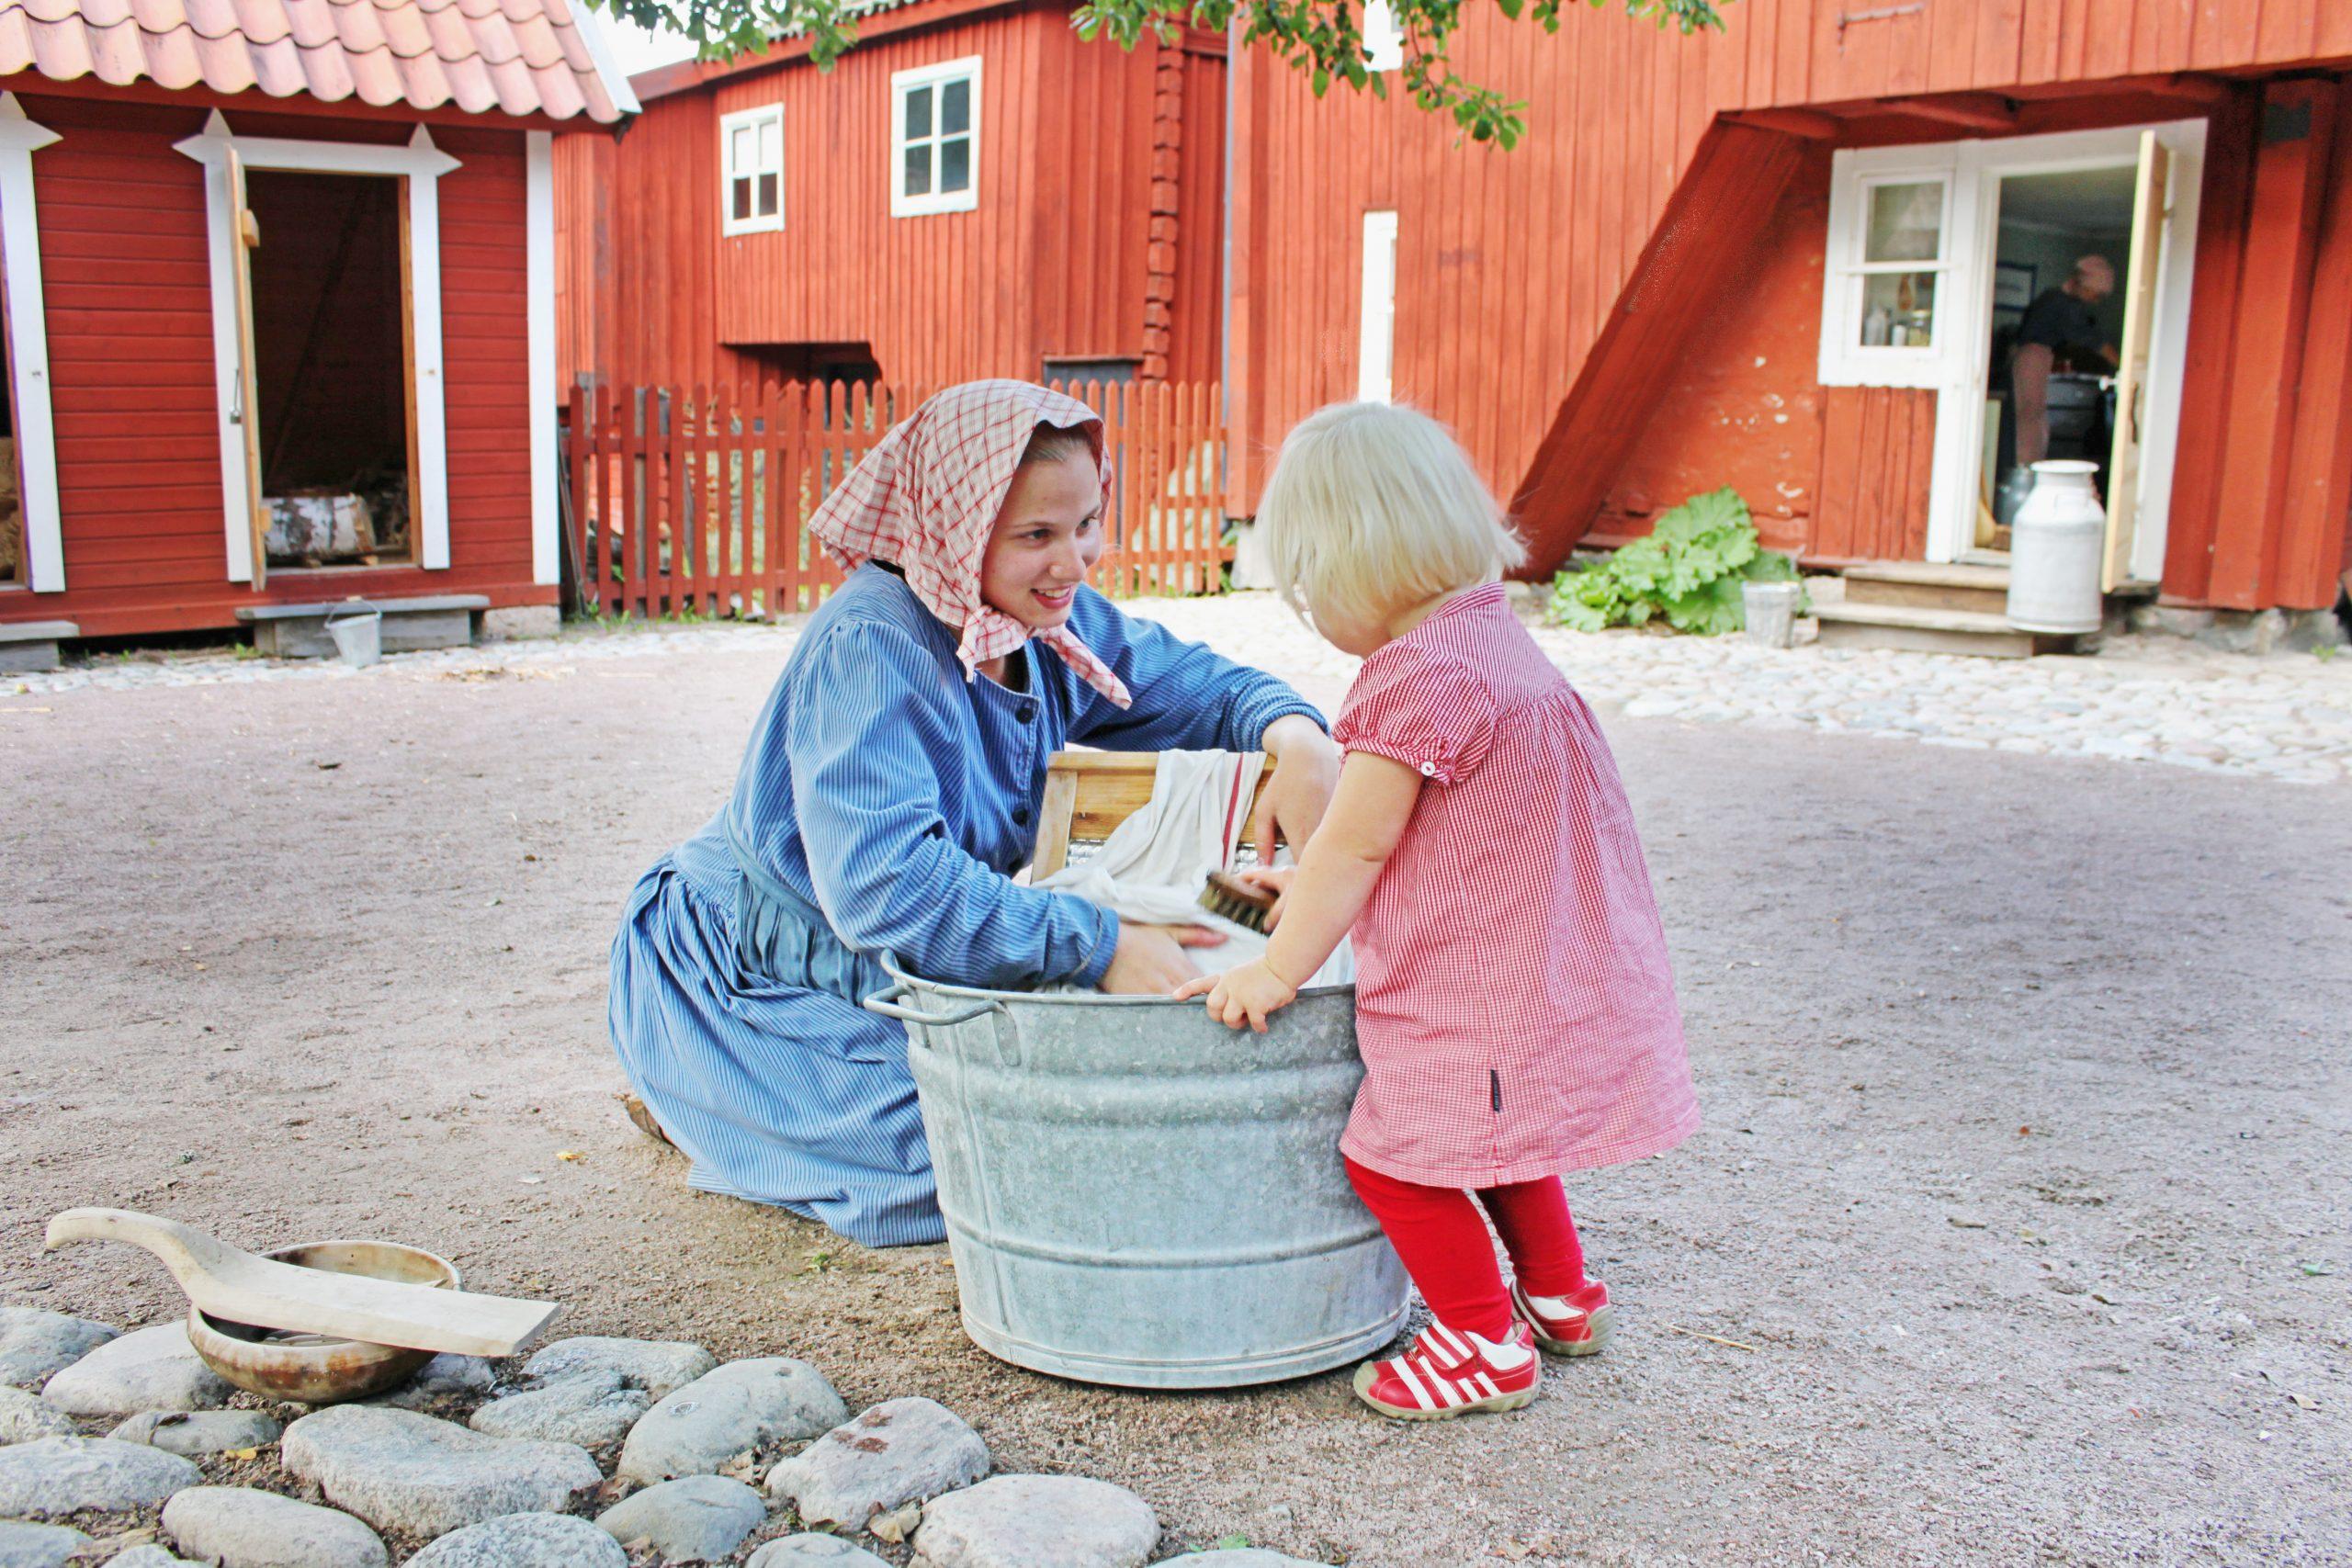 Barn hjälper till att tvätta på klassiskt vis på Vallby friluftsmuseum i Västerås. Foto: Pressbild